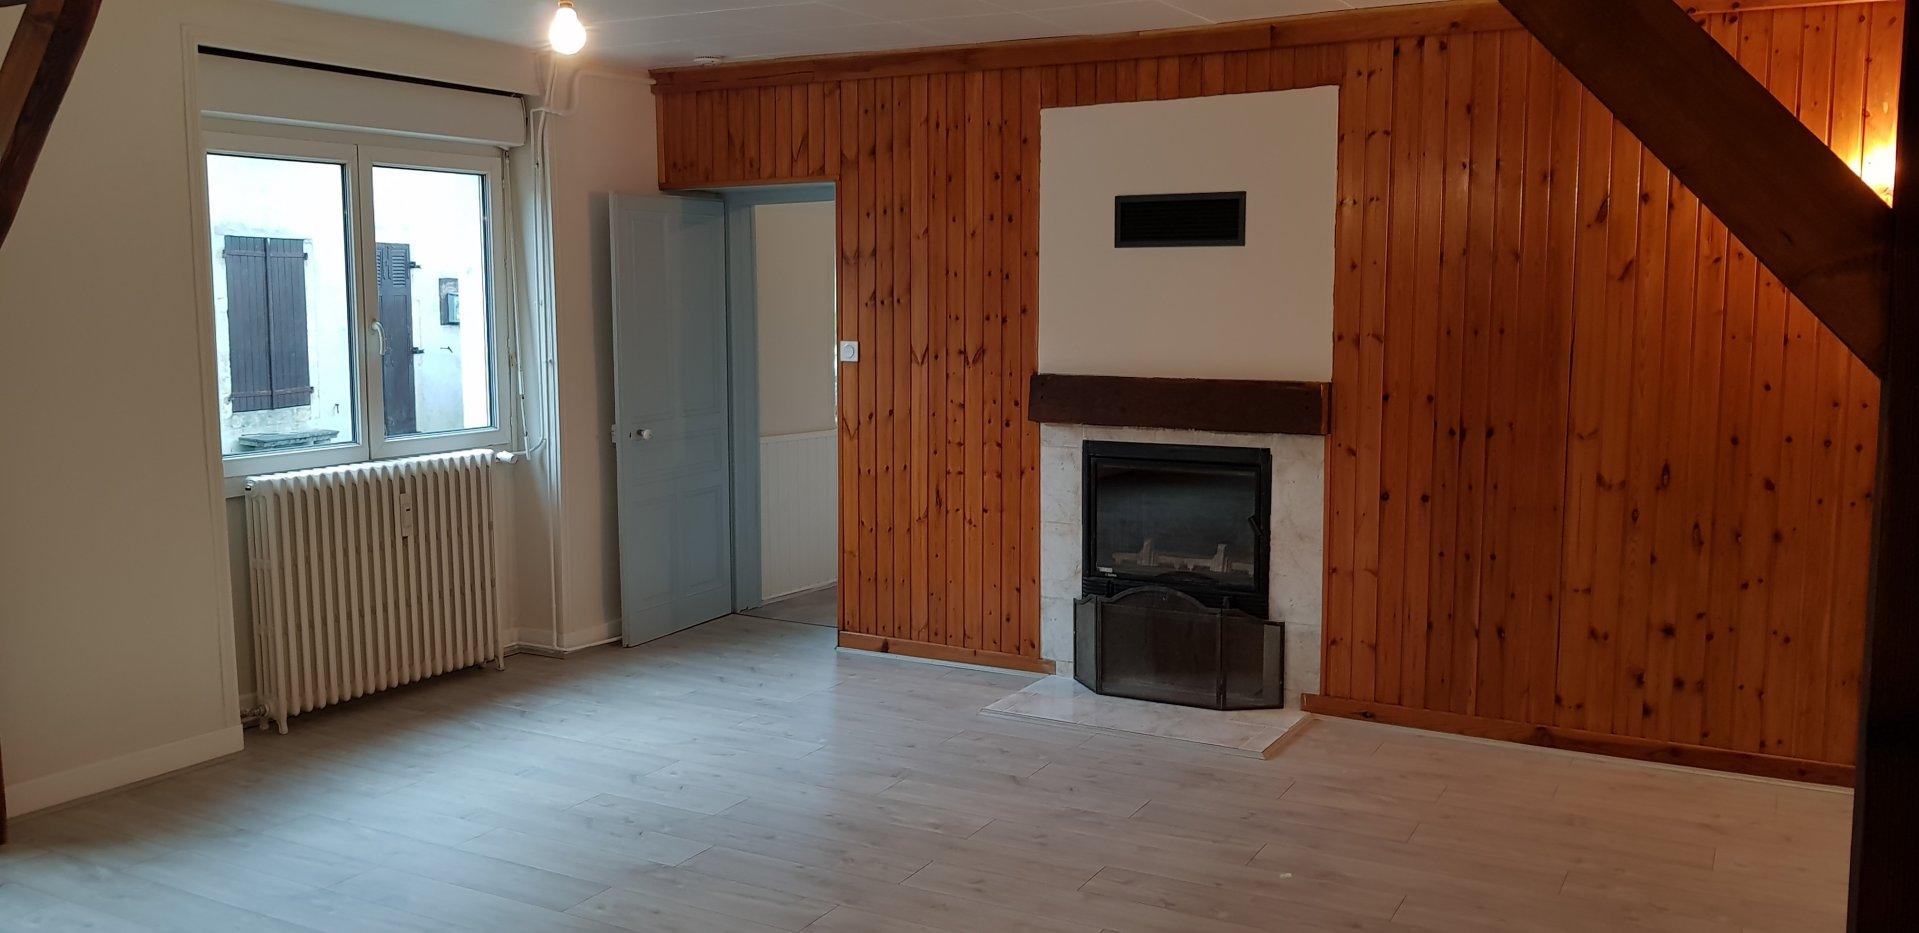 Appartement T4 dans petit bâtiment calme